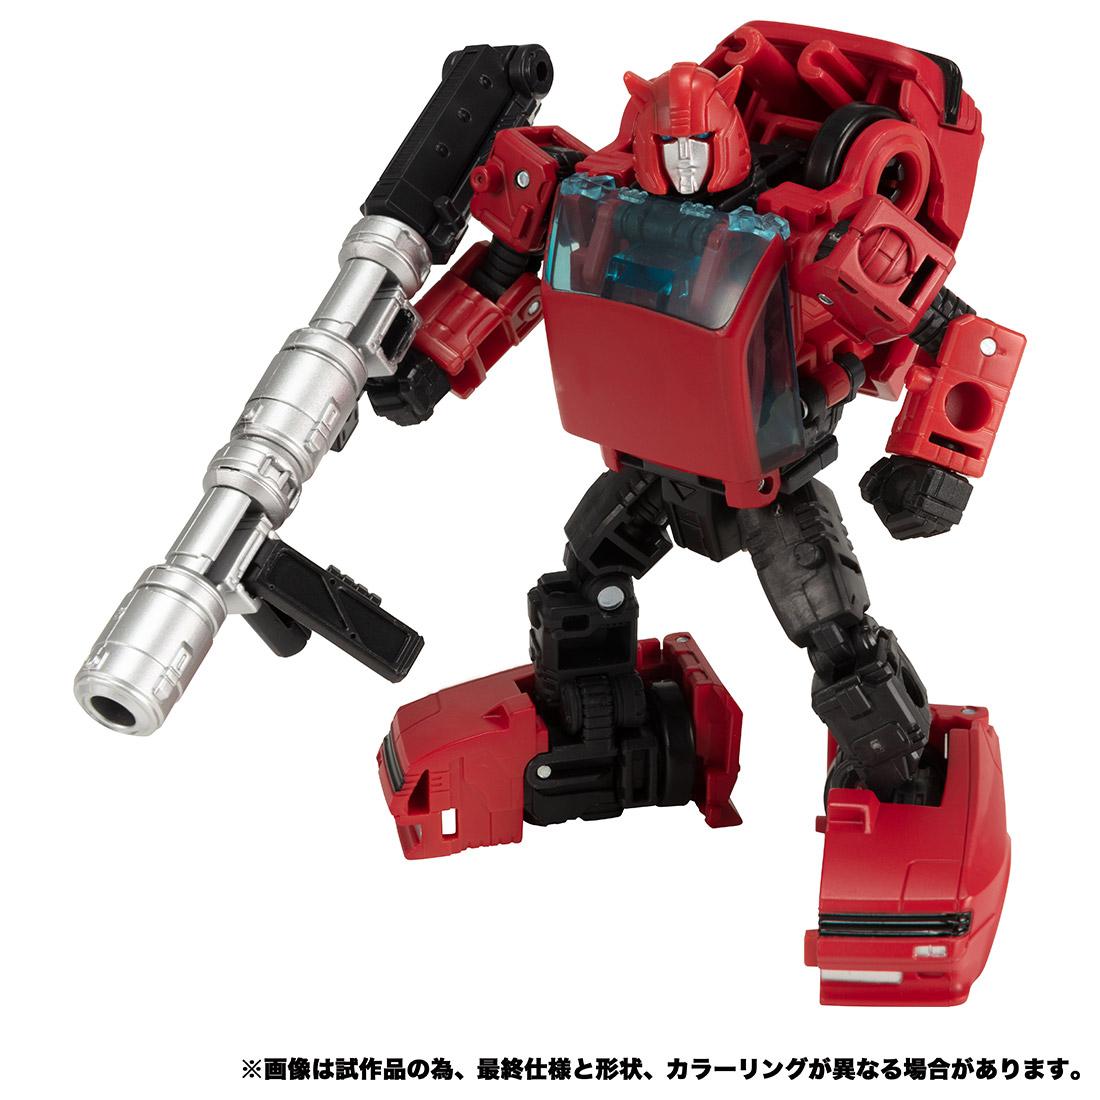 【限定販売】トランスフォーマー アースライズ『ER EX-05 クリフジャンパー』可変可動フィギュア-001